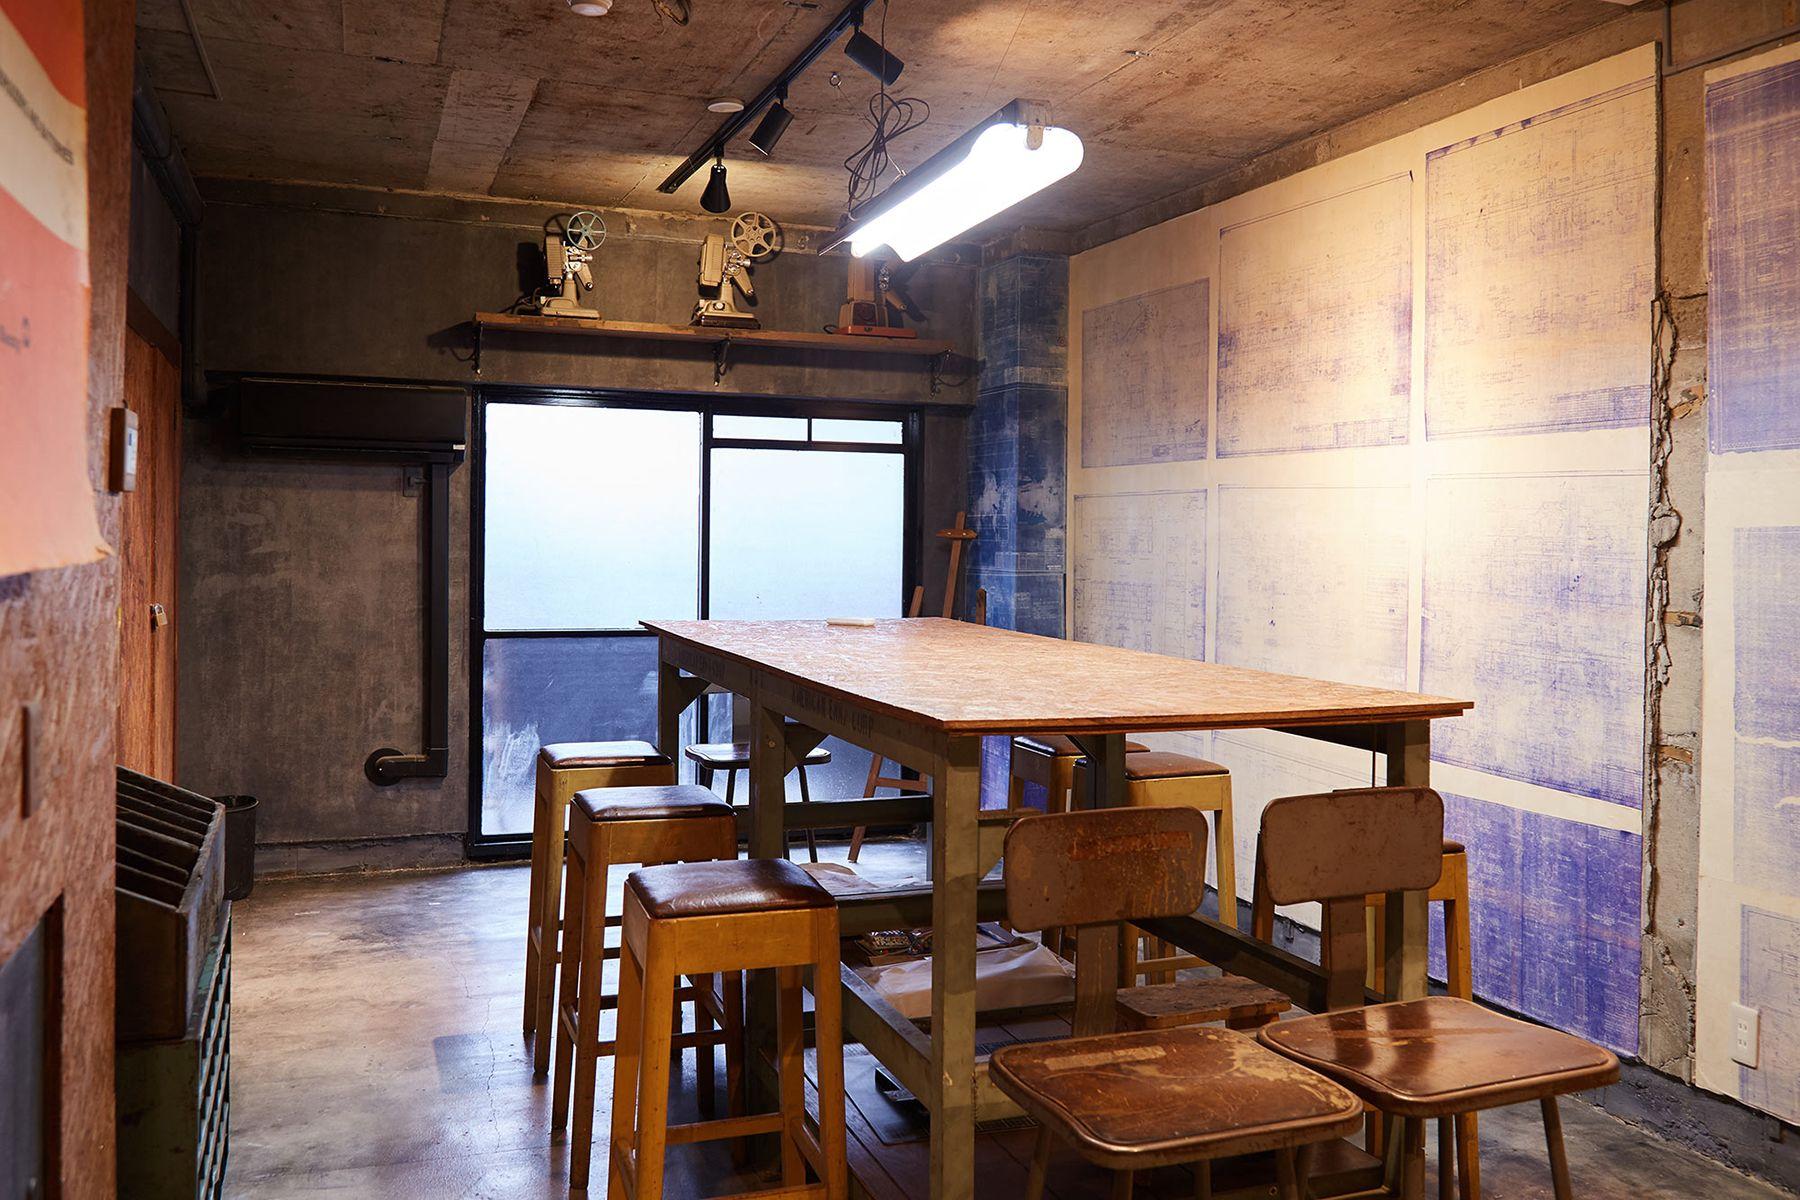 TOKYO CHAPTER (トウキョウチャプター)workshop